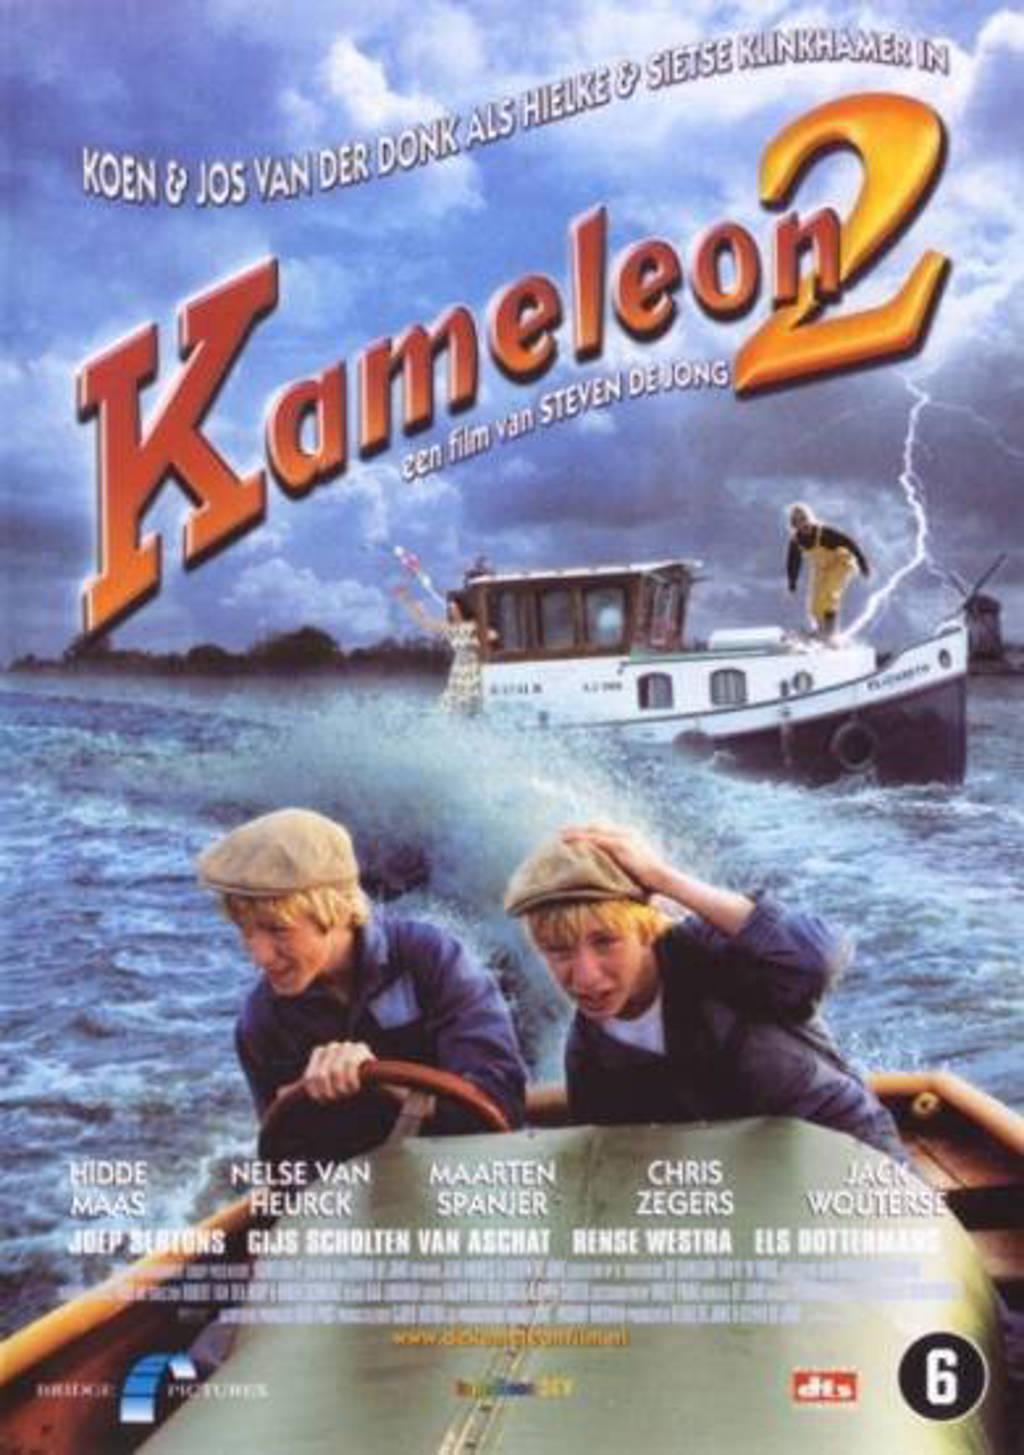 Kameleon 2 (DVD)